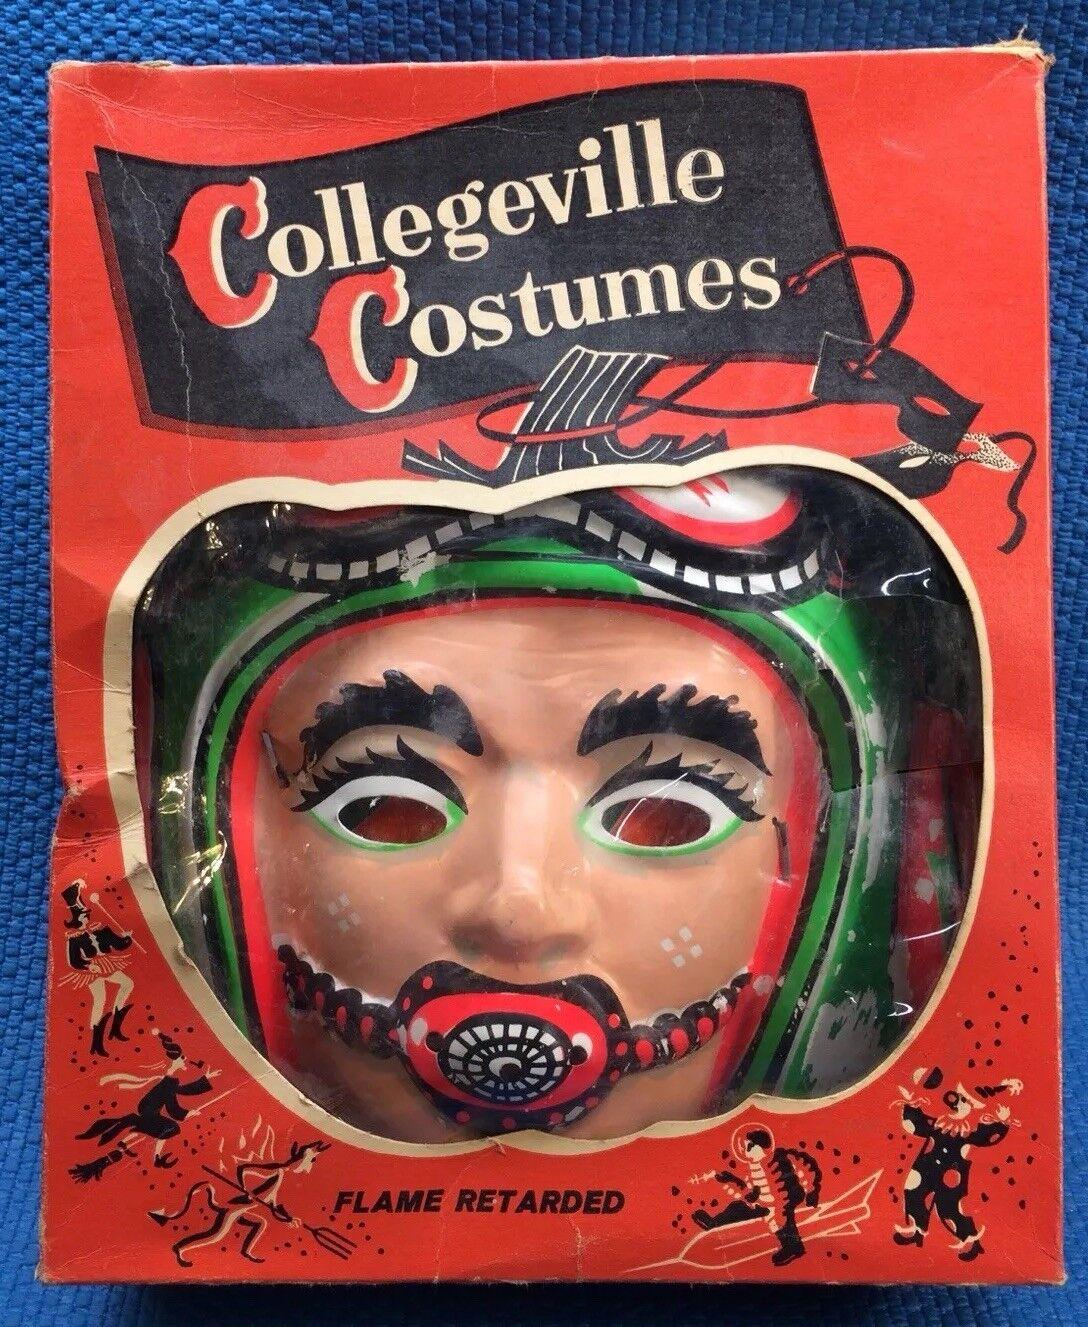 Vintage space - halloween - kostm von collegeville